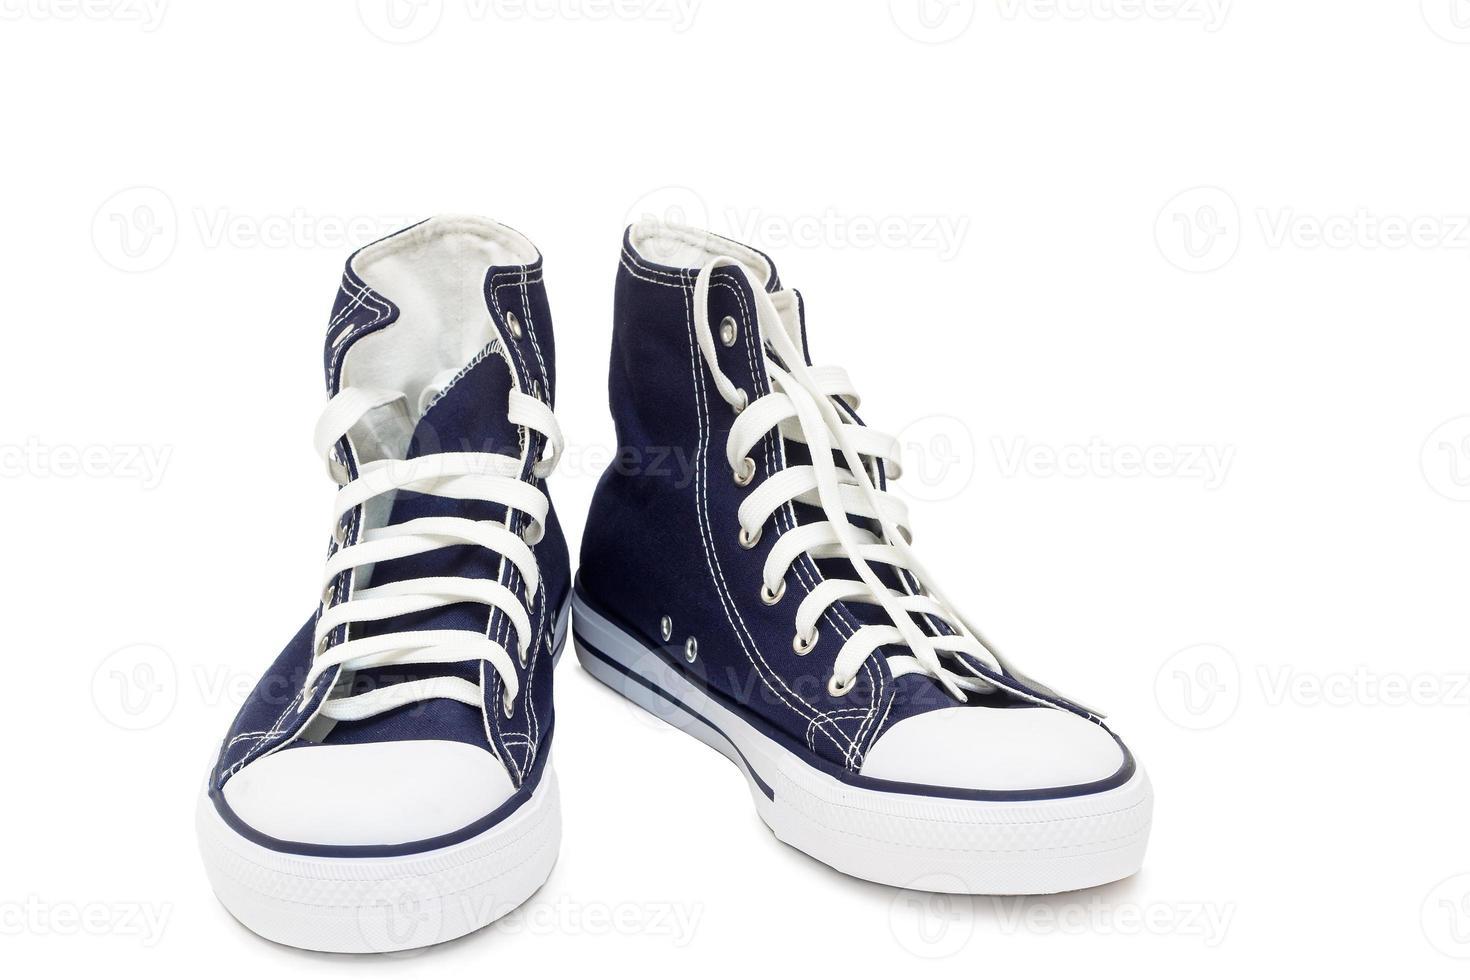 chaussures de sport - baskets pour hommes sur fond blanc. photo